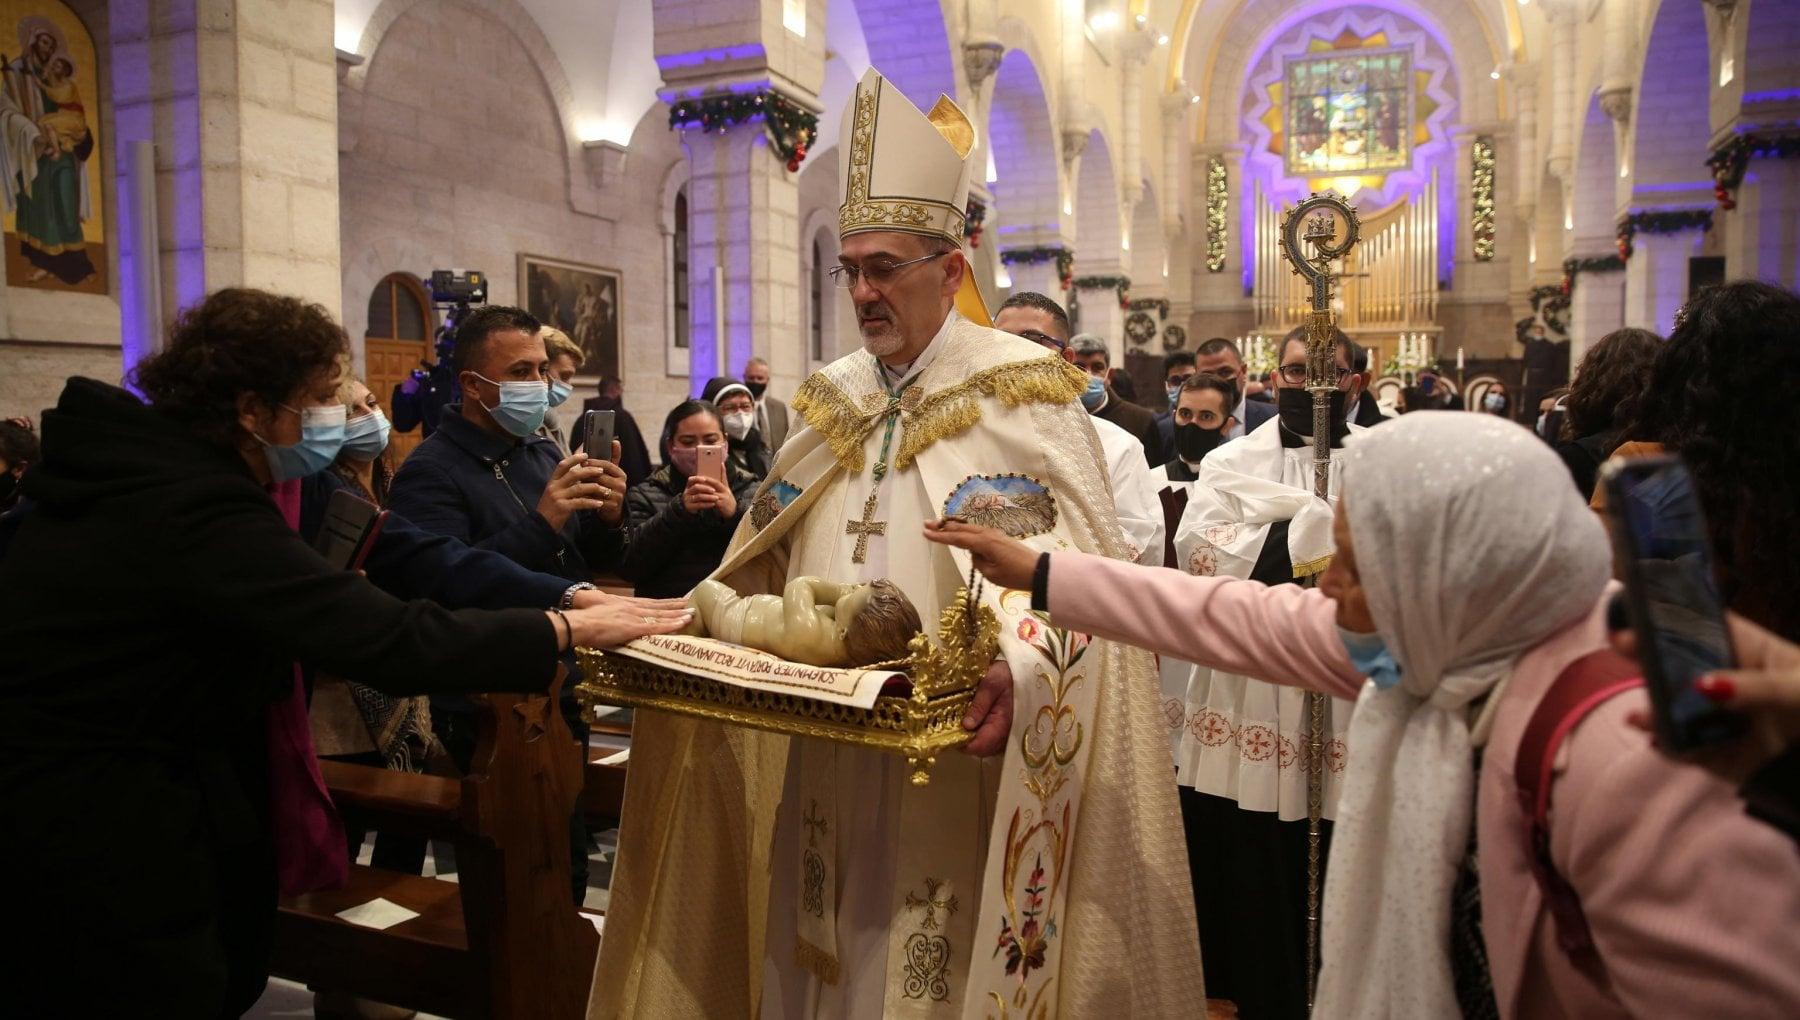 Il Natale fragile del mondo ai tempi del Covid chiese vuote e messaggi di speranza. Il Papa Non piangiamoci addosso